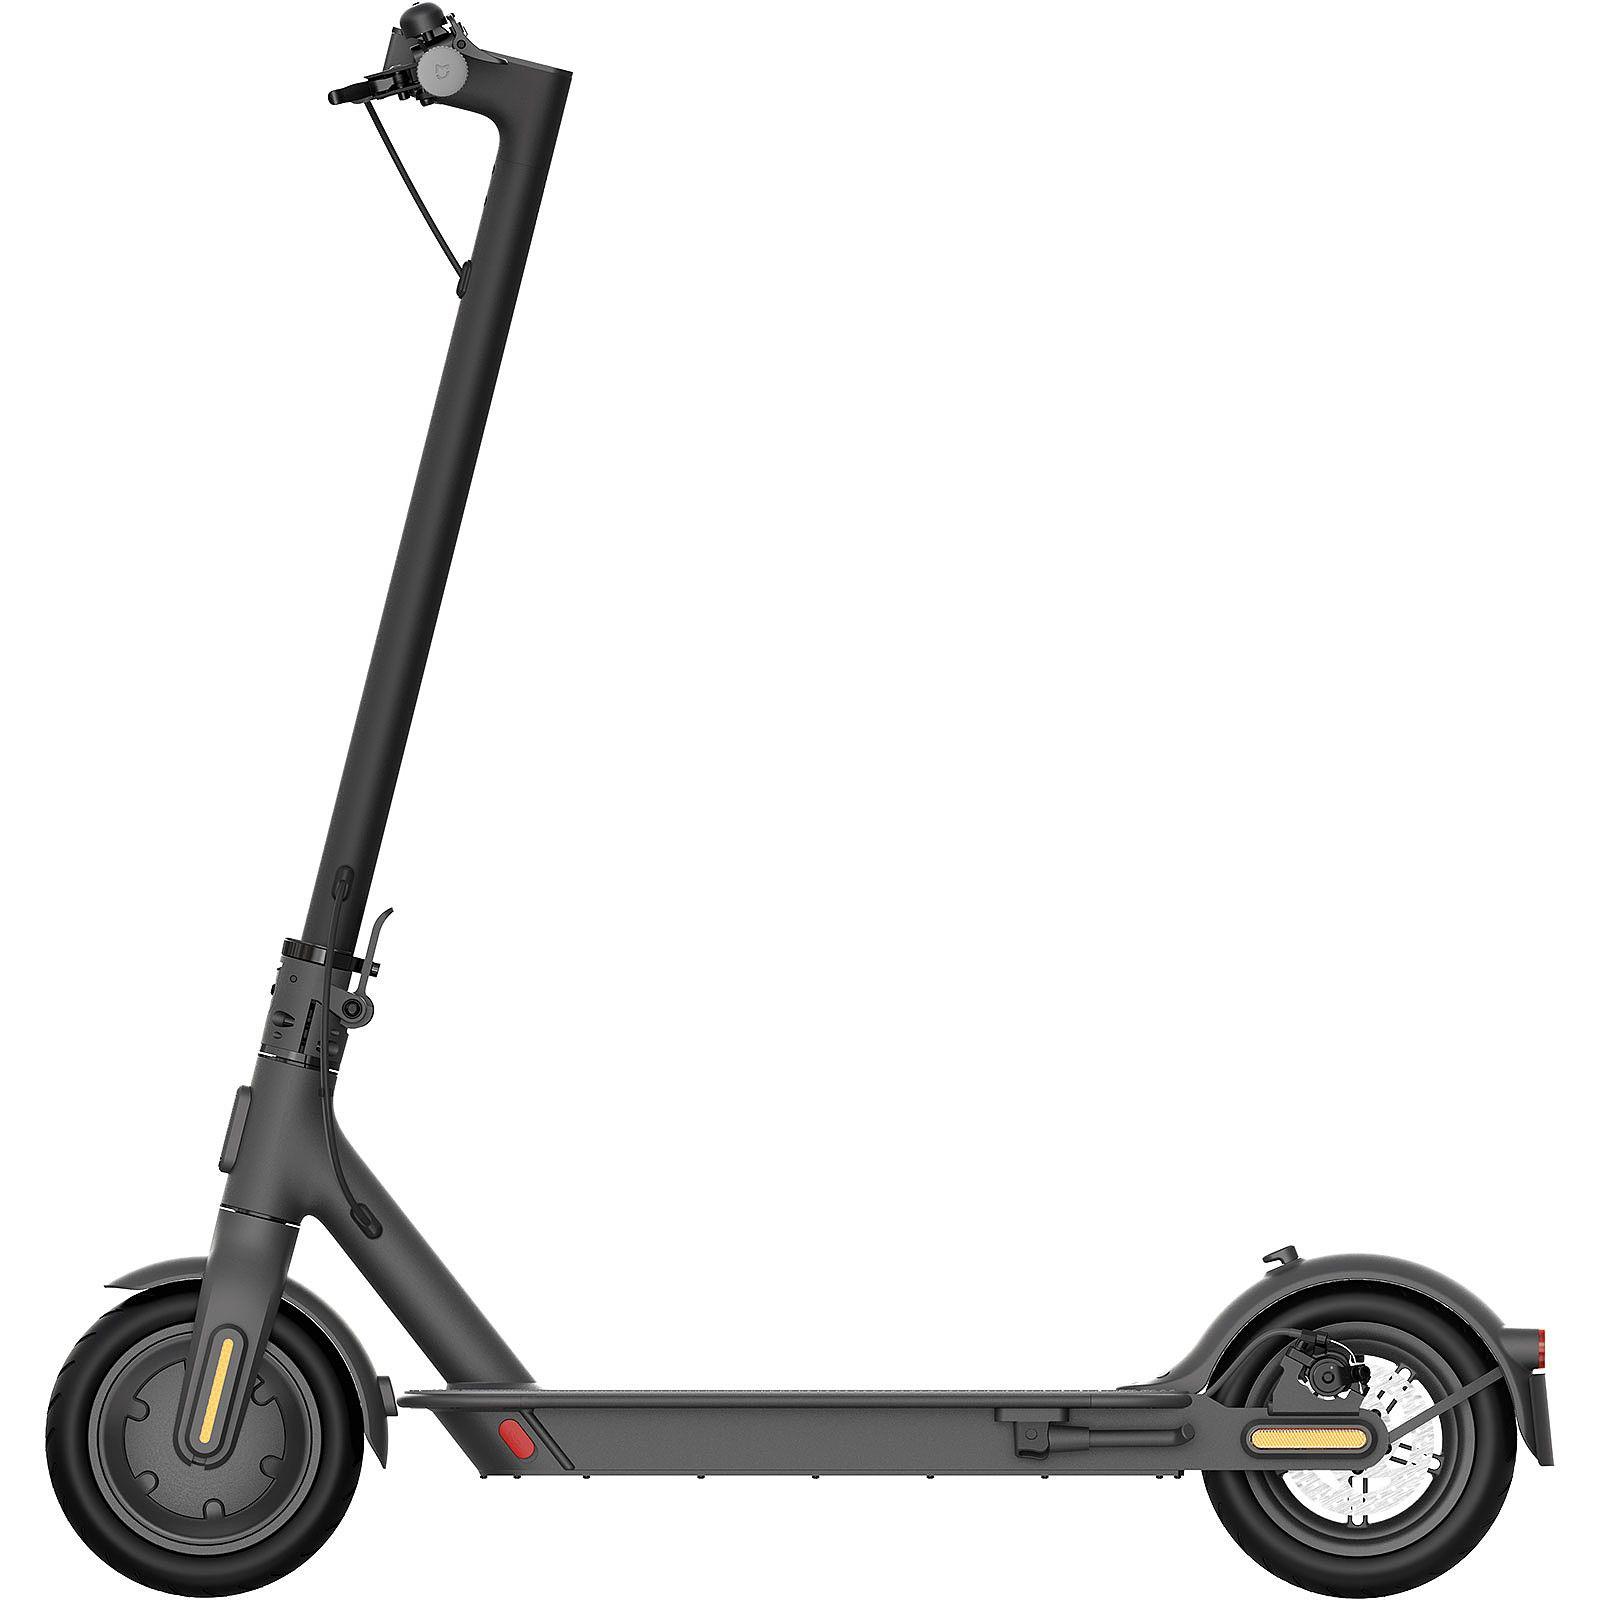 Xiaomi Mi Electric Scooter 1S: E-Scooter mit Straßenzulassung | Pro 2 für 494,10€ (300W, 20km/h, 30km Reichweite, Farbdisplay, 12.5kg)